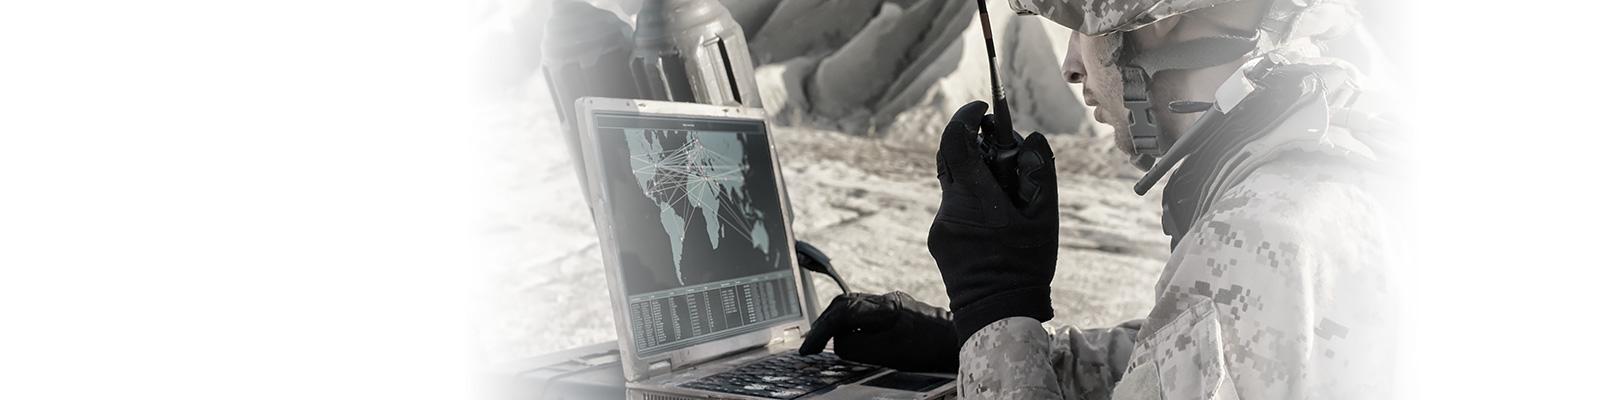 軍事 通信 防衛 イメージ